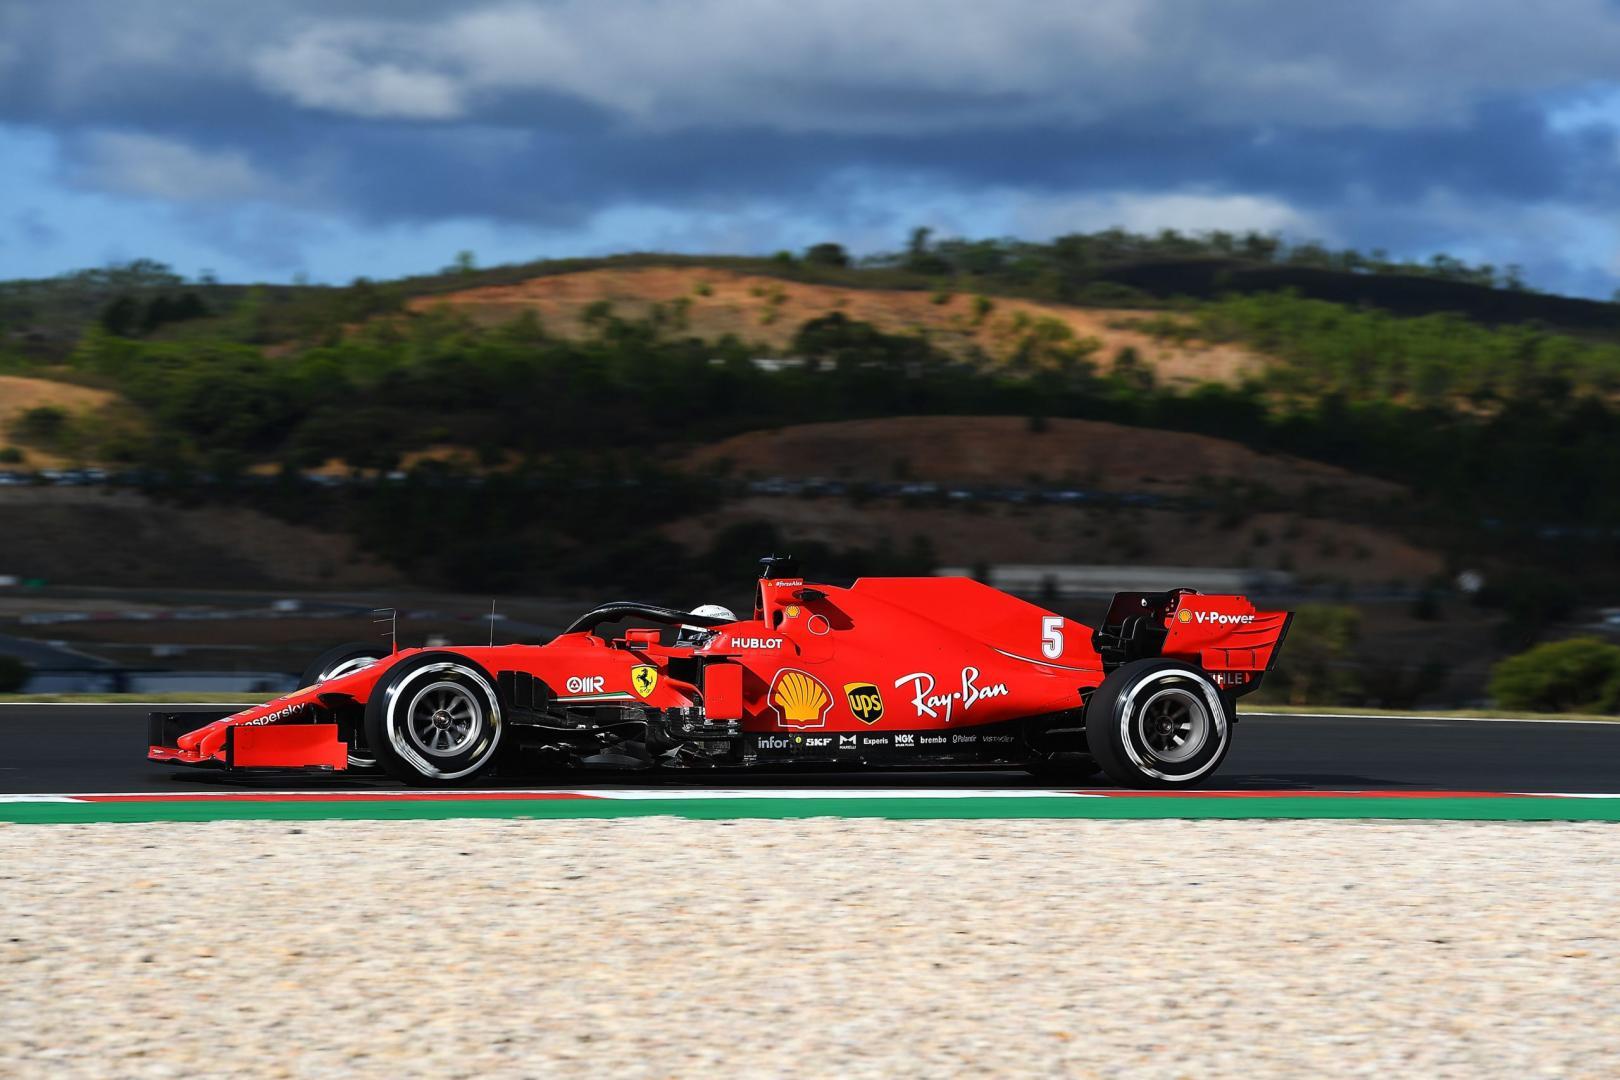 Kwalificatie van de GP van Portugal 2020